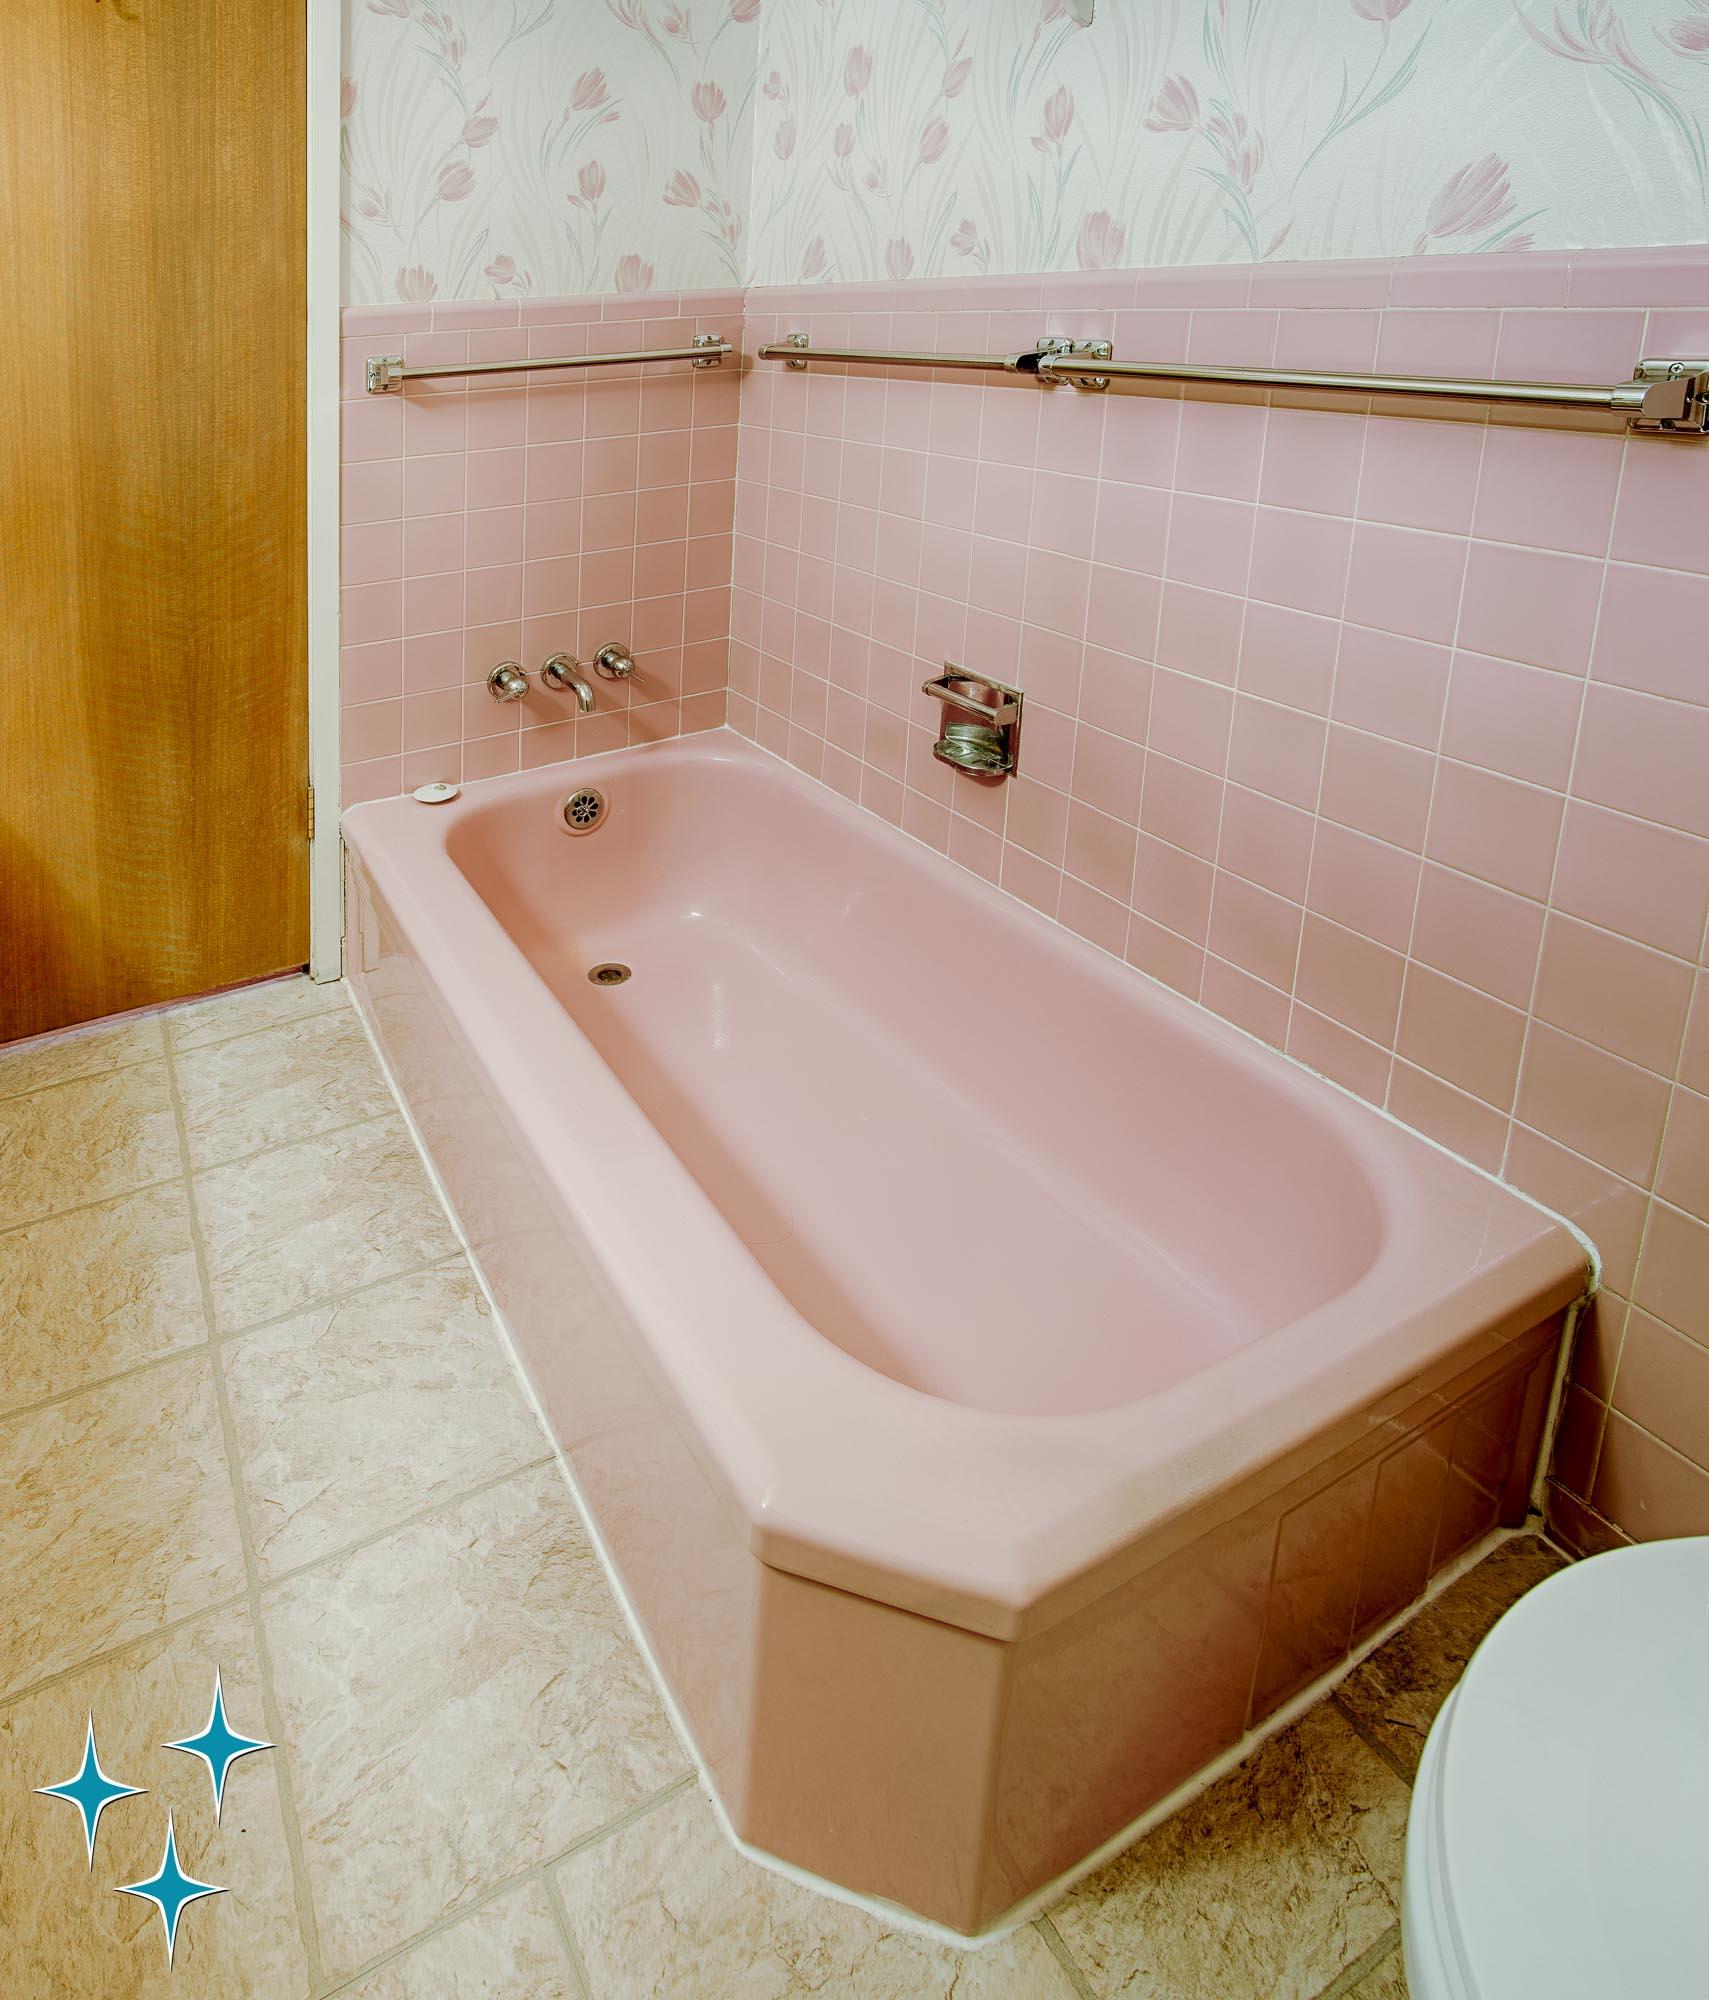 Adrian-Kinney-4155-W-Iliff-Avenue-Denver-r-Carey-Holiday-Home-2000w50-3SWM-29.jpg